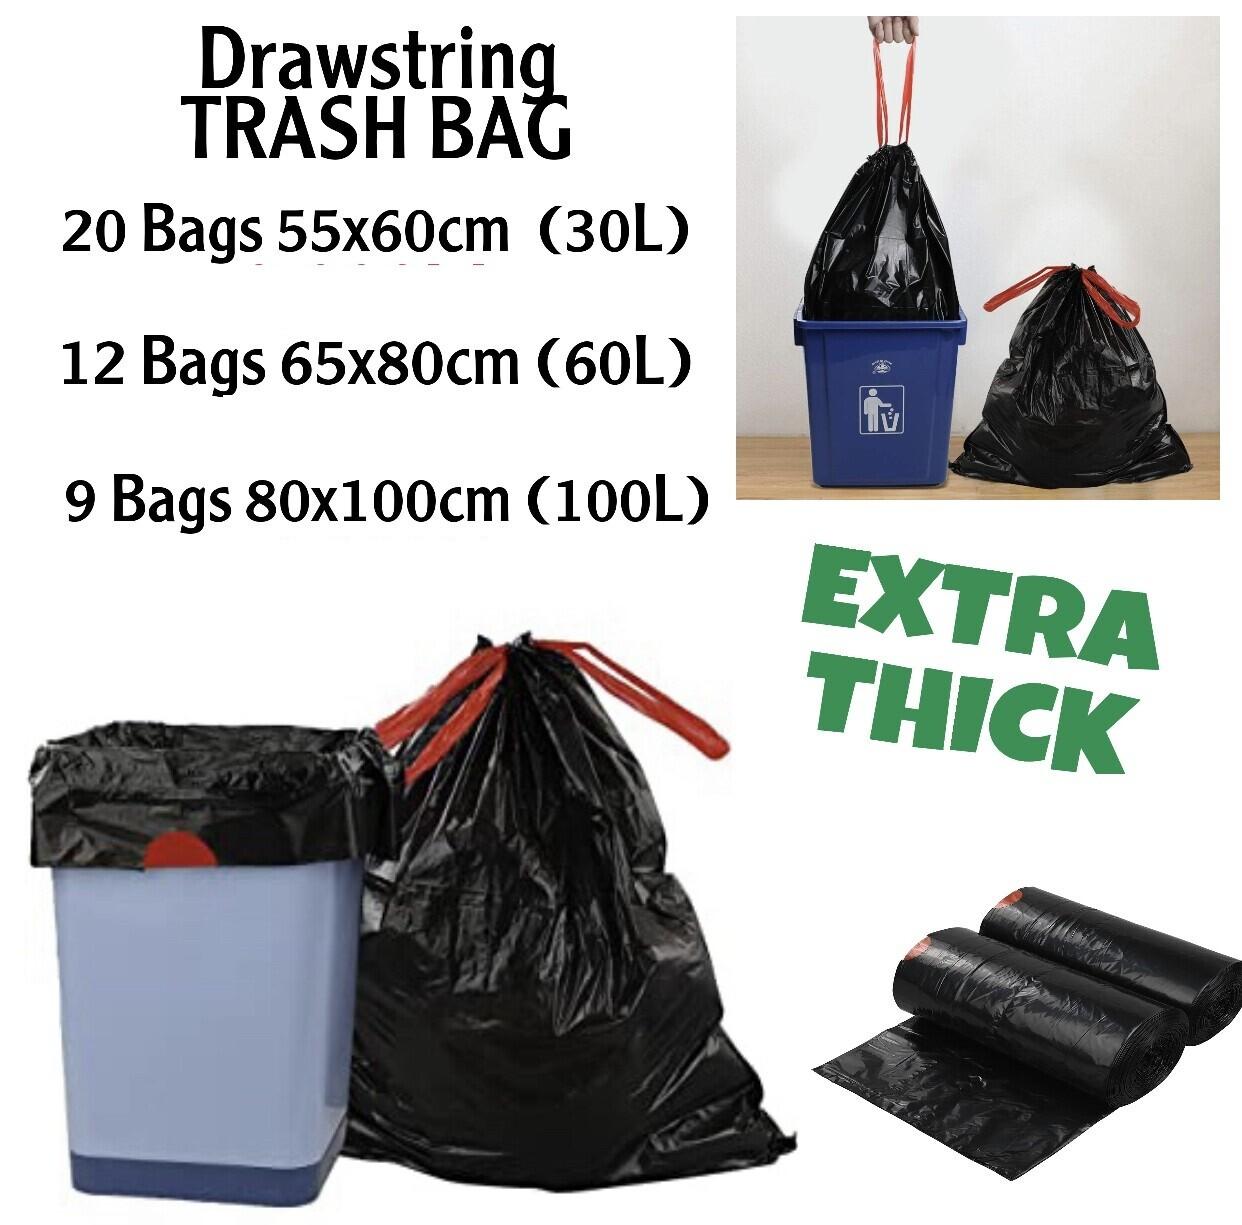 Drawstring Trash Bags (Thick)